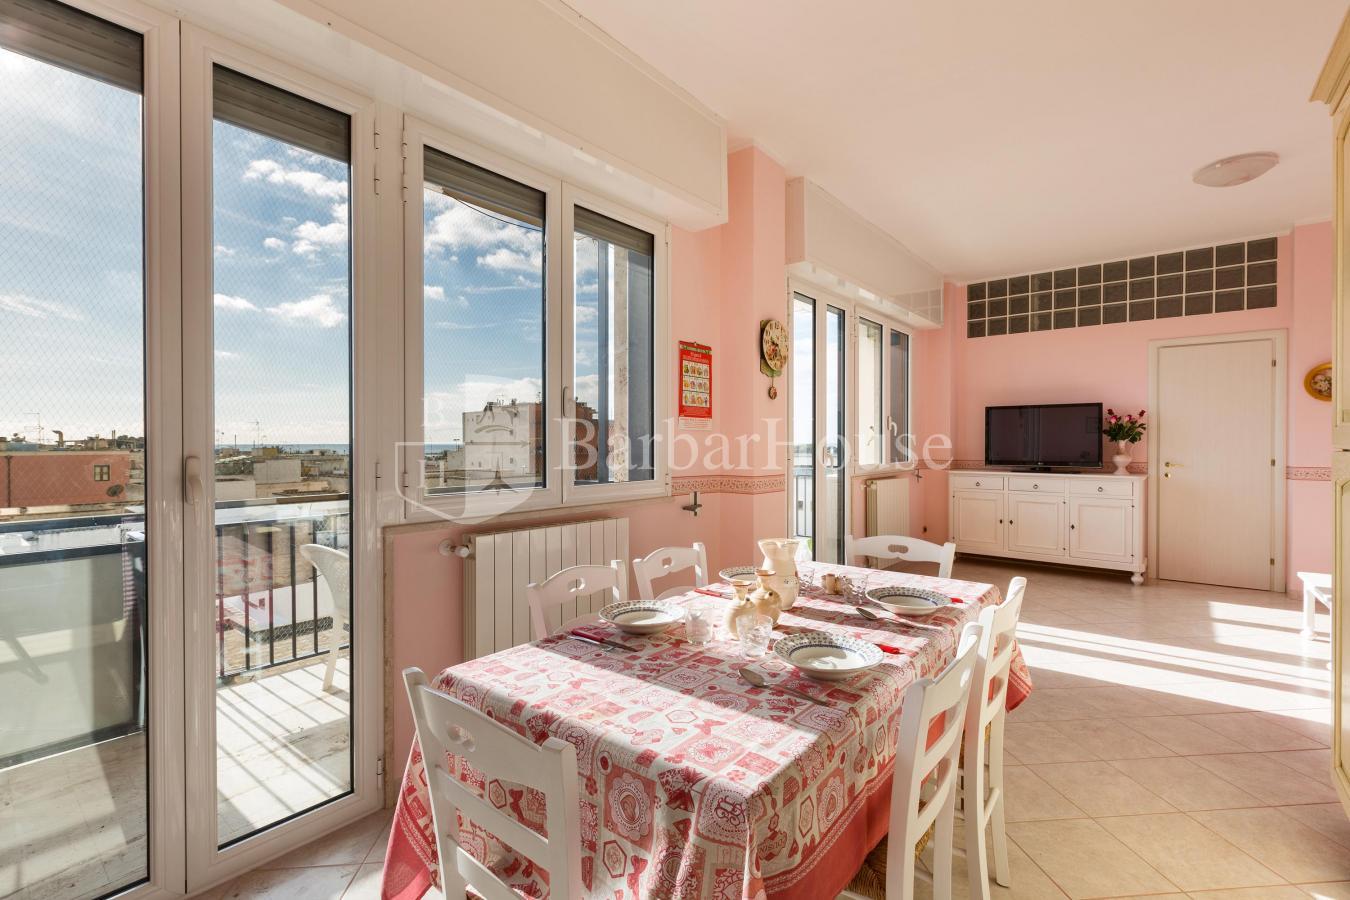 case vacanze - Porto Cesareo - Appartamento La Rondine